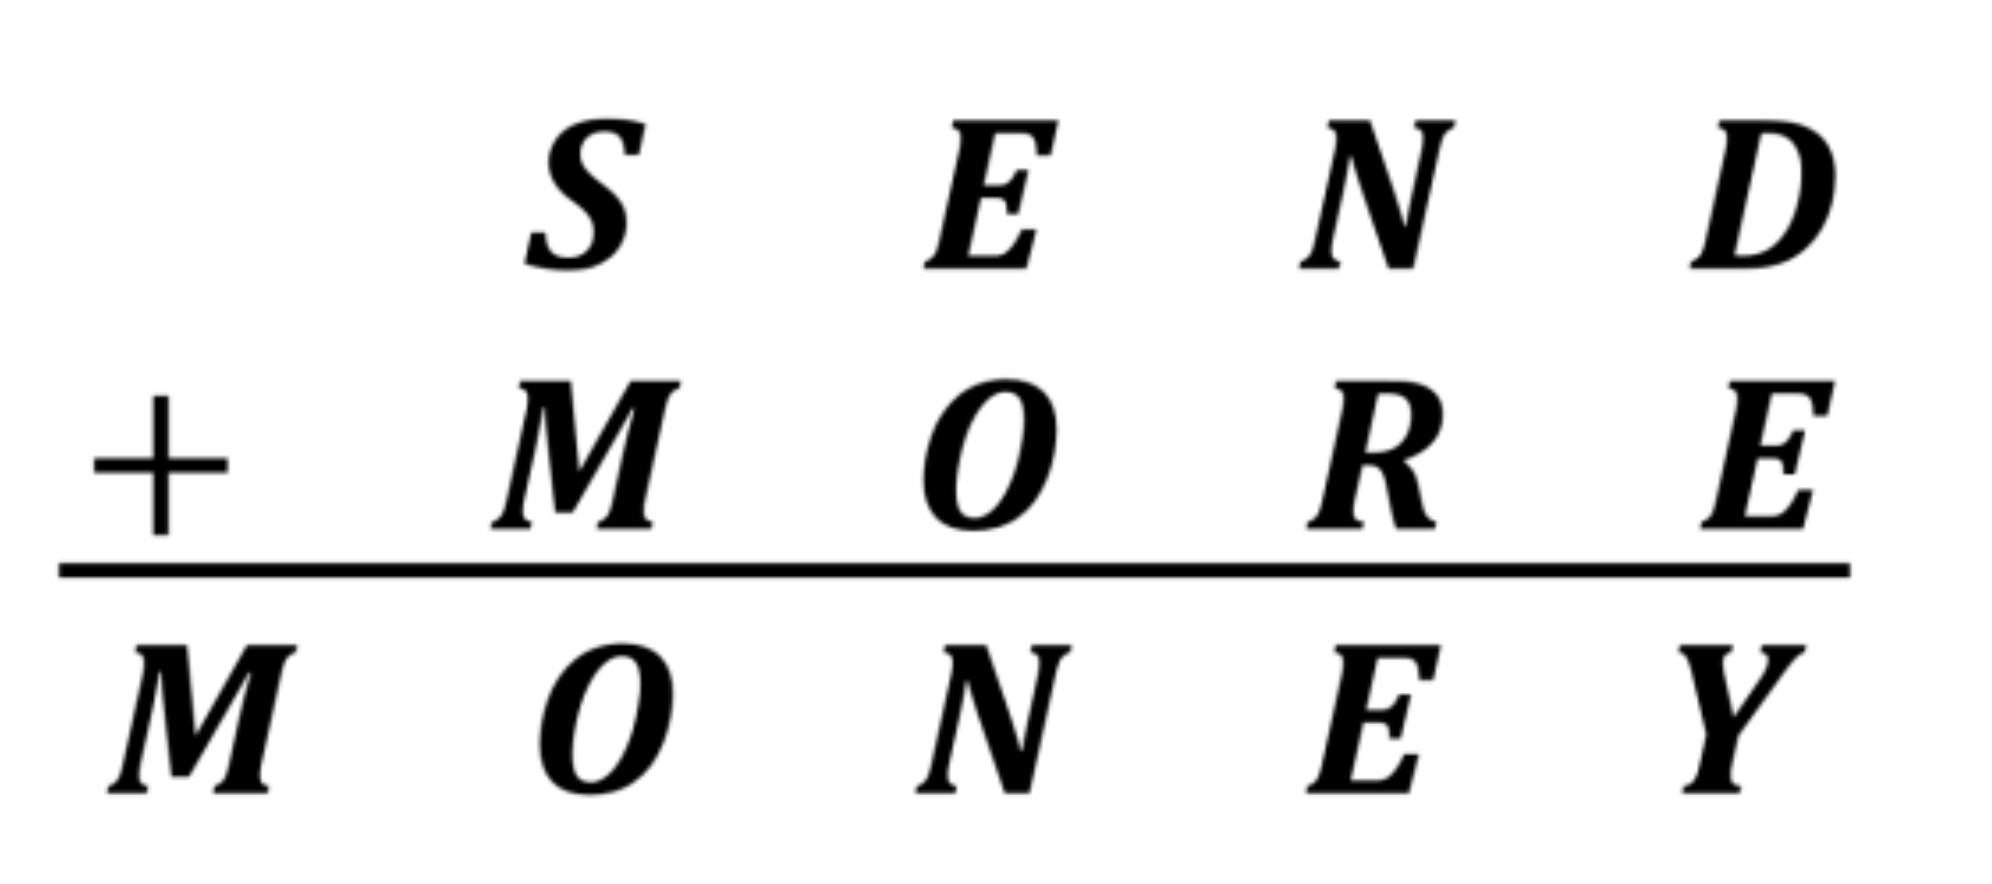 Send + more = money